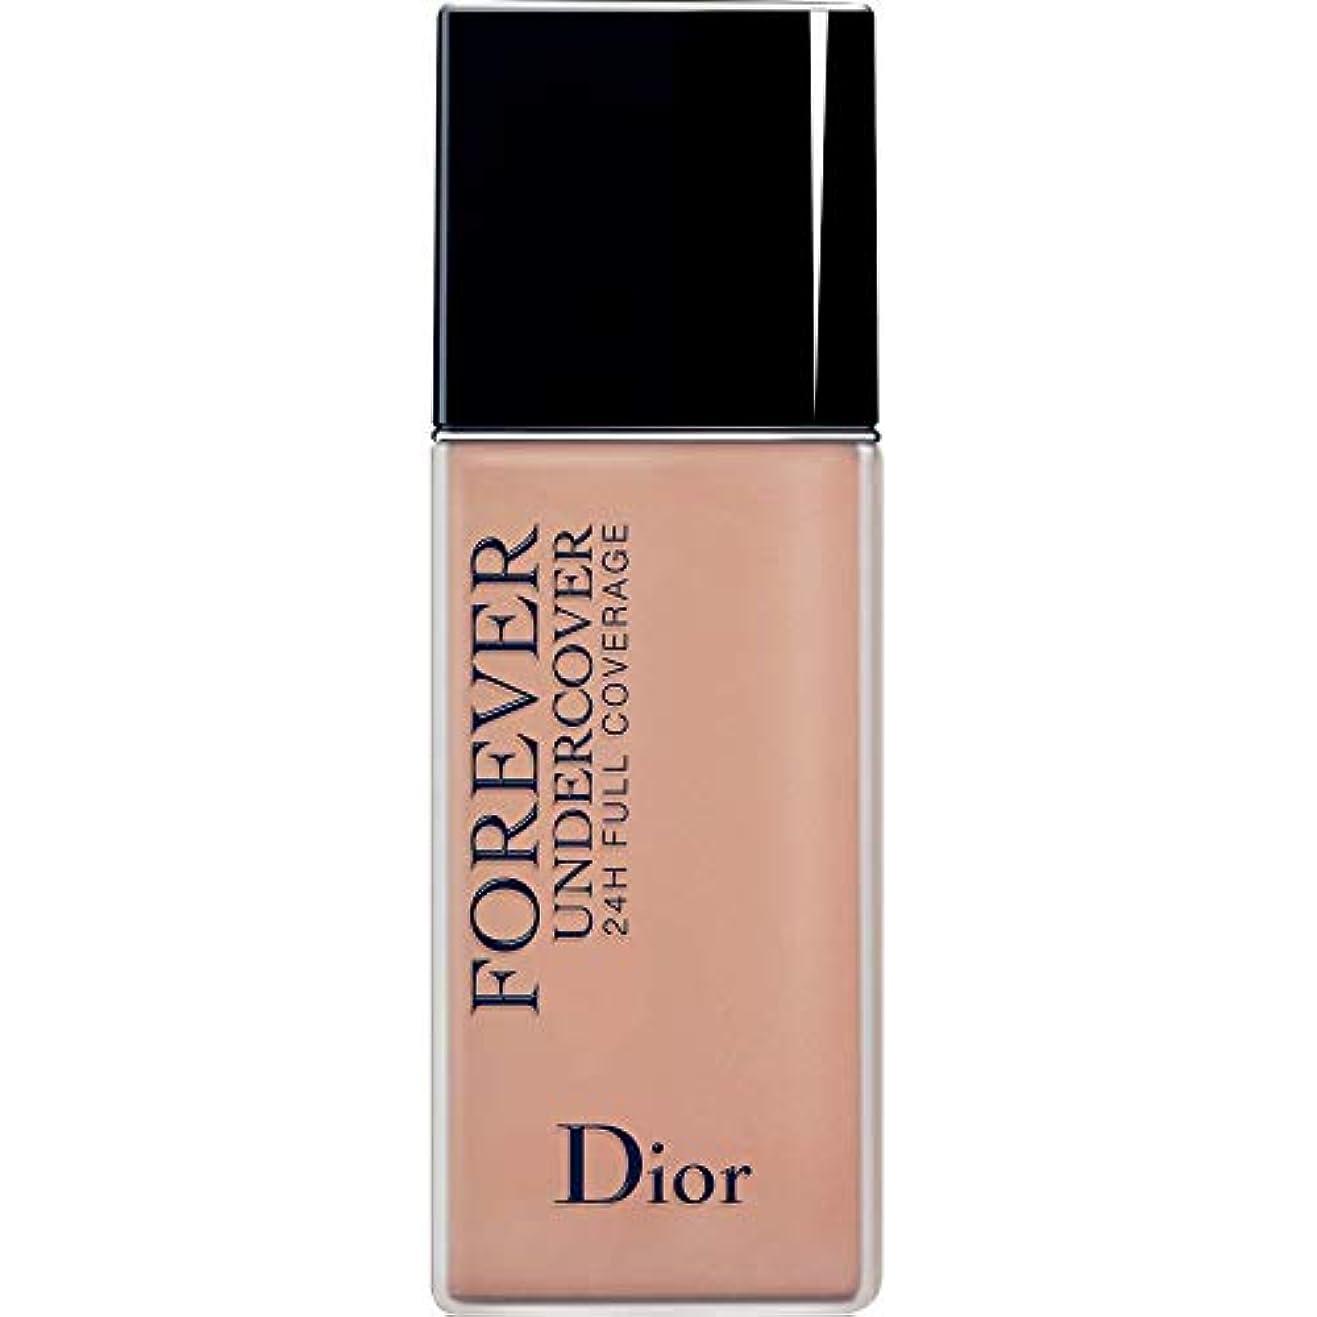 フリル滑り台有毒な[Dior ] ディオールディオールスキン永遠アンダーカバーフルカバーの基礎40ミリリットル034 - アーモンドベージュ - DIOR Diorskin Forever Undercover Full Coverage...